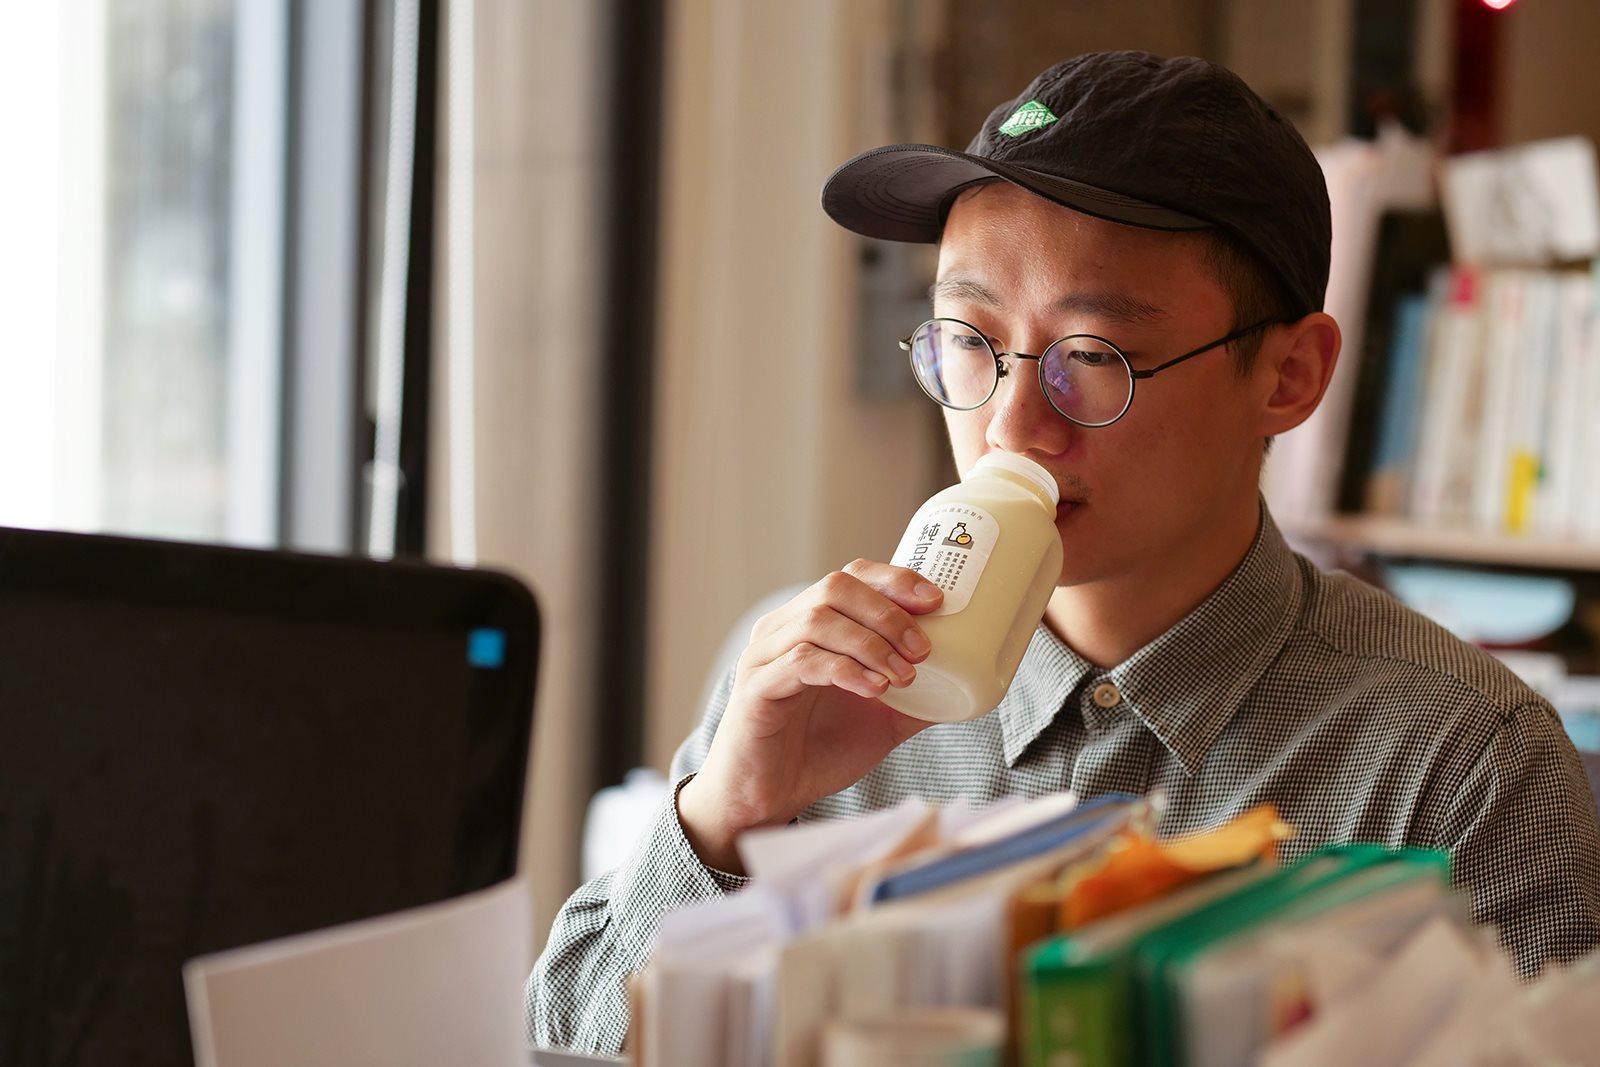 上班族早餐如何吃得健康,搭配禾乃川豆漿營養滿分!